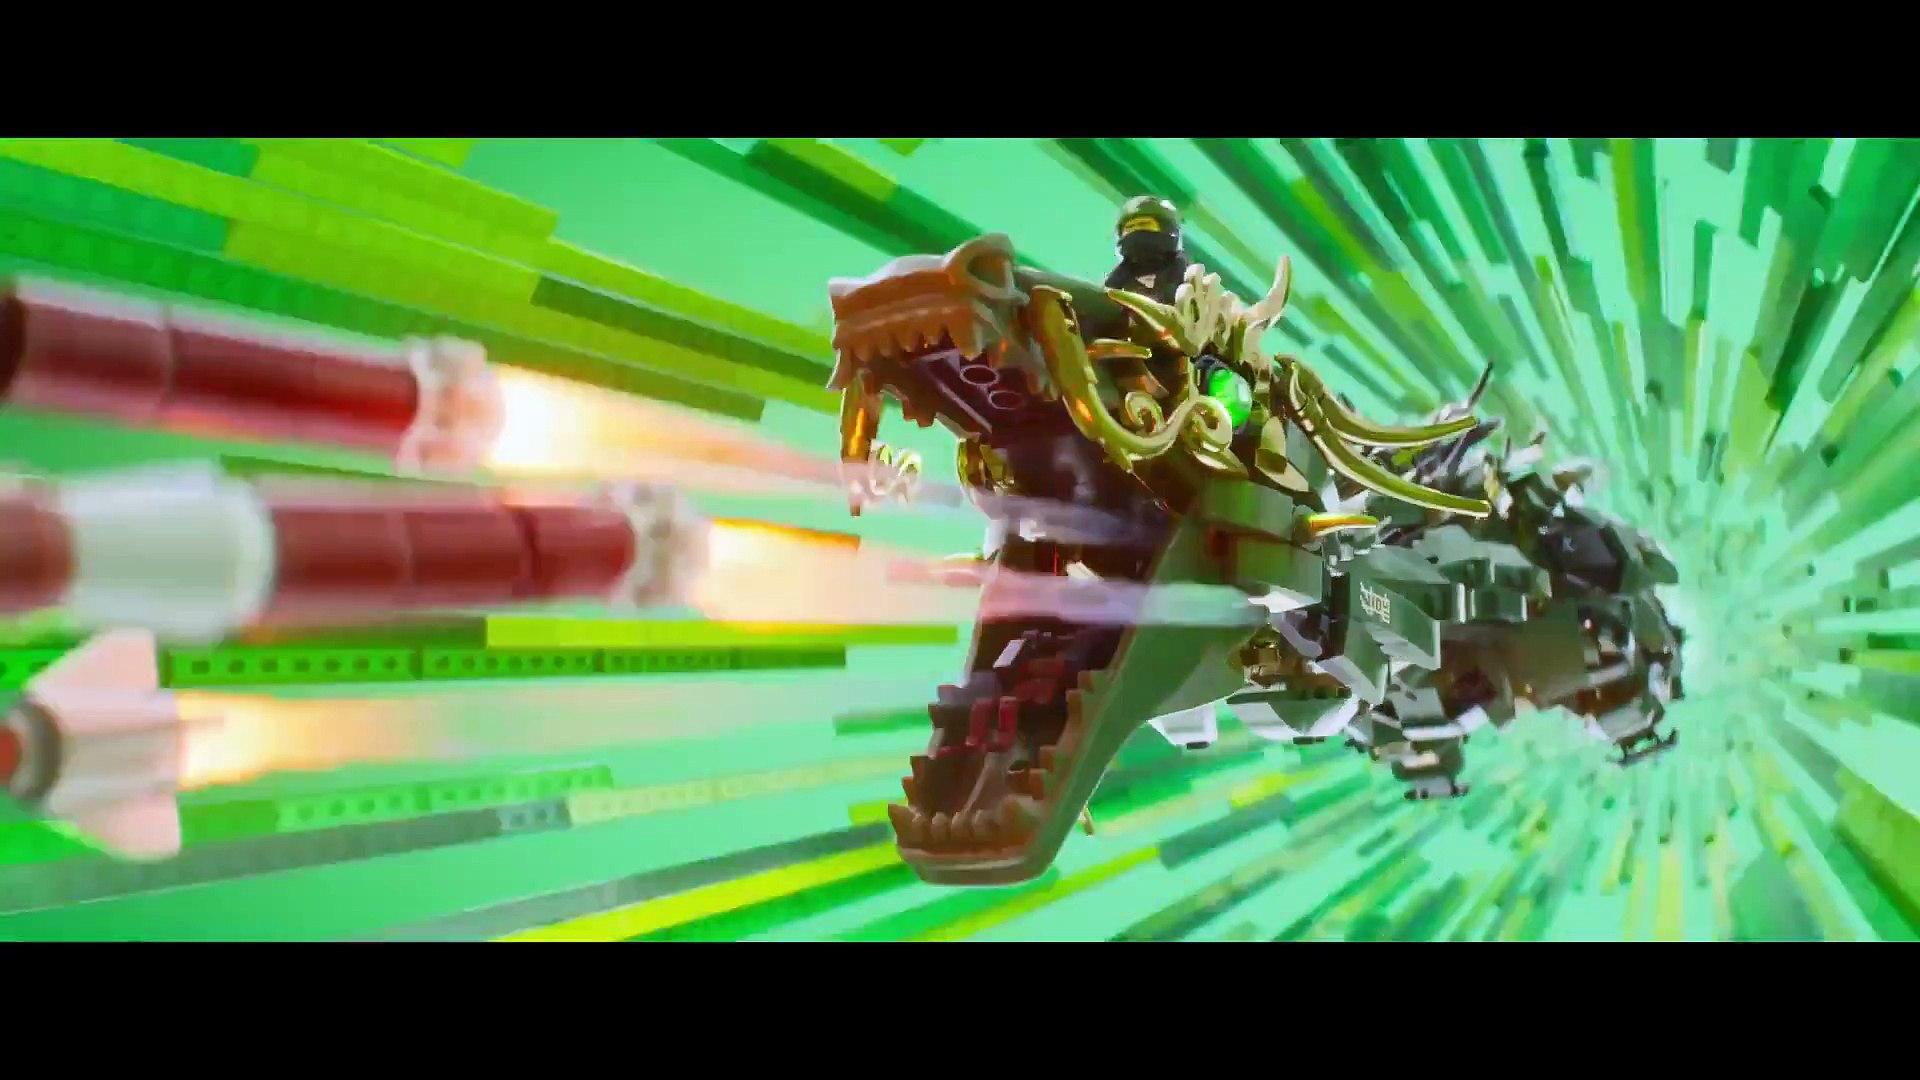 Лего Фильм. Ниндзяго — Русский трейлер #2 (2017)